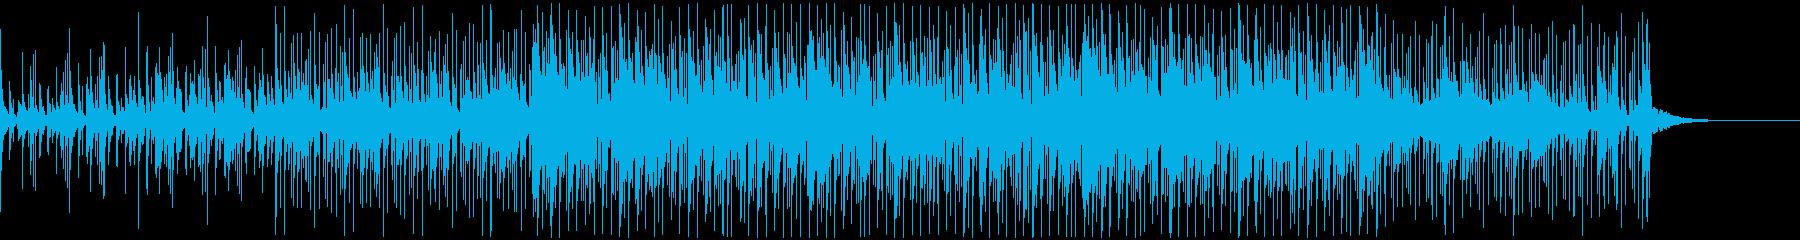 ほのぼのとしミニマルな雰囲気のジングルの再生済みの波形